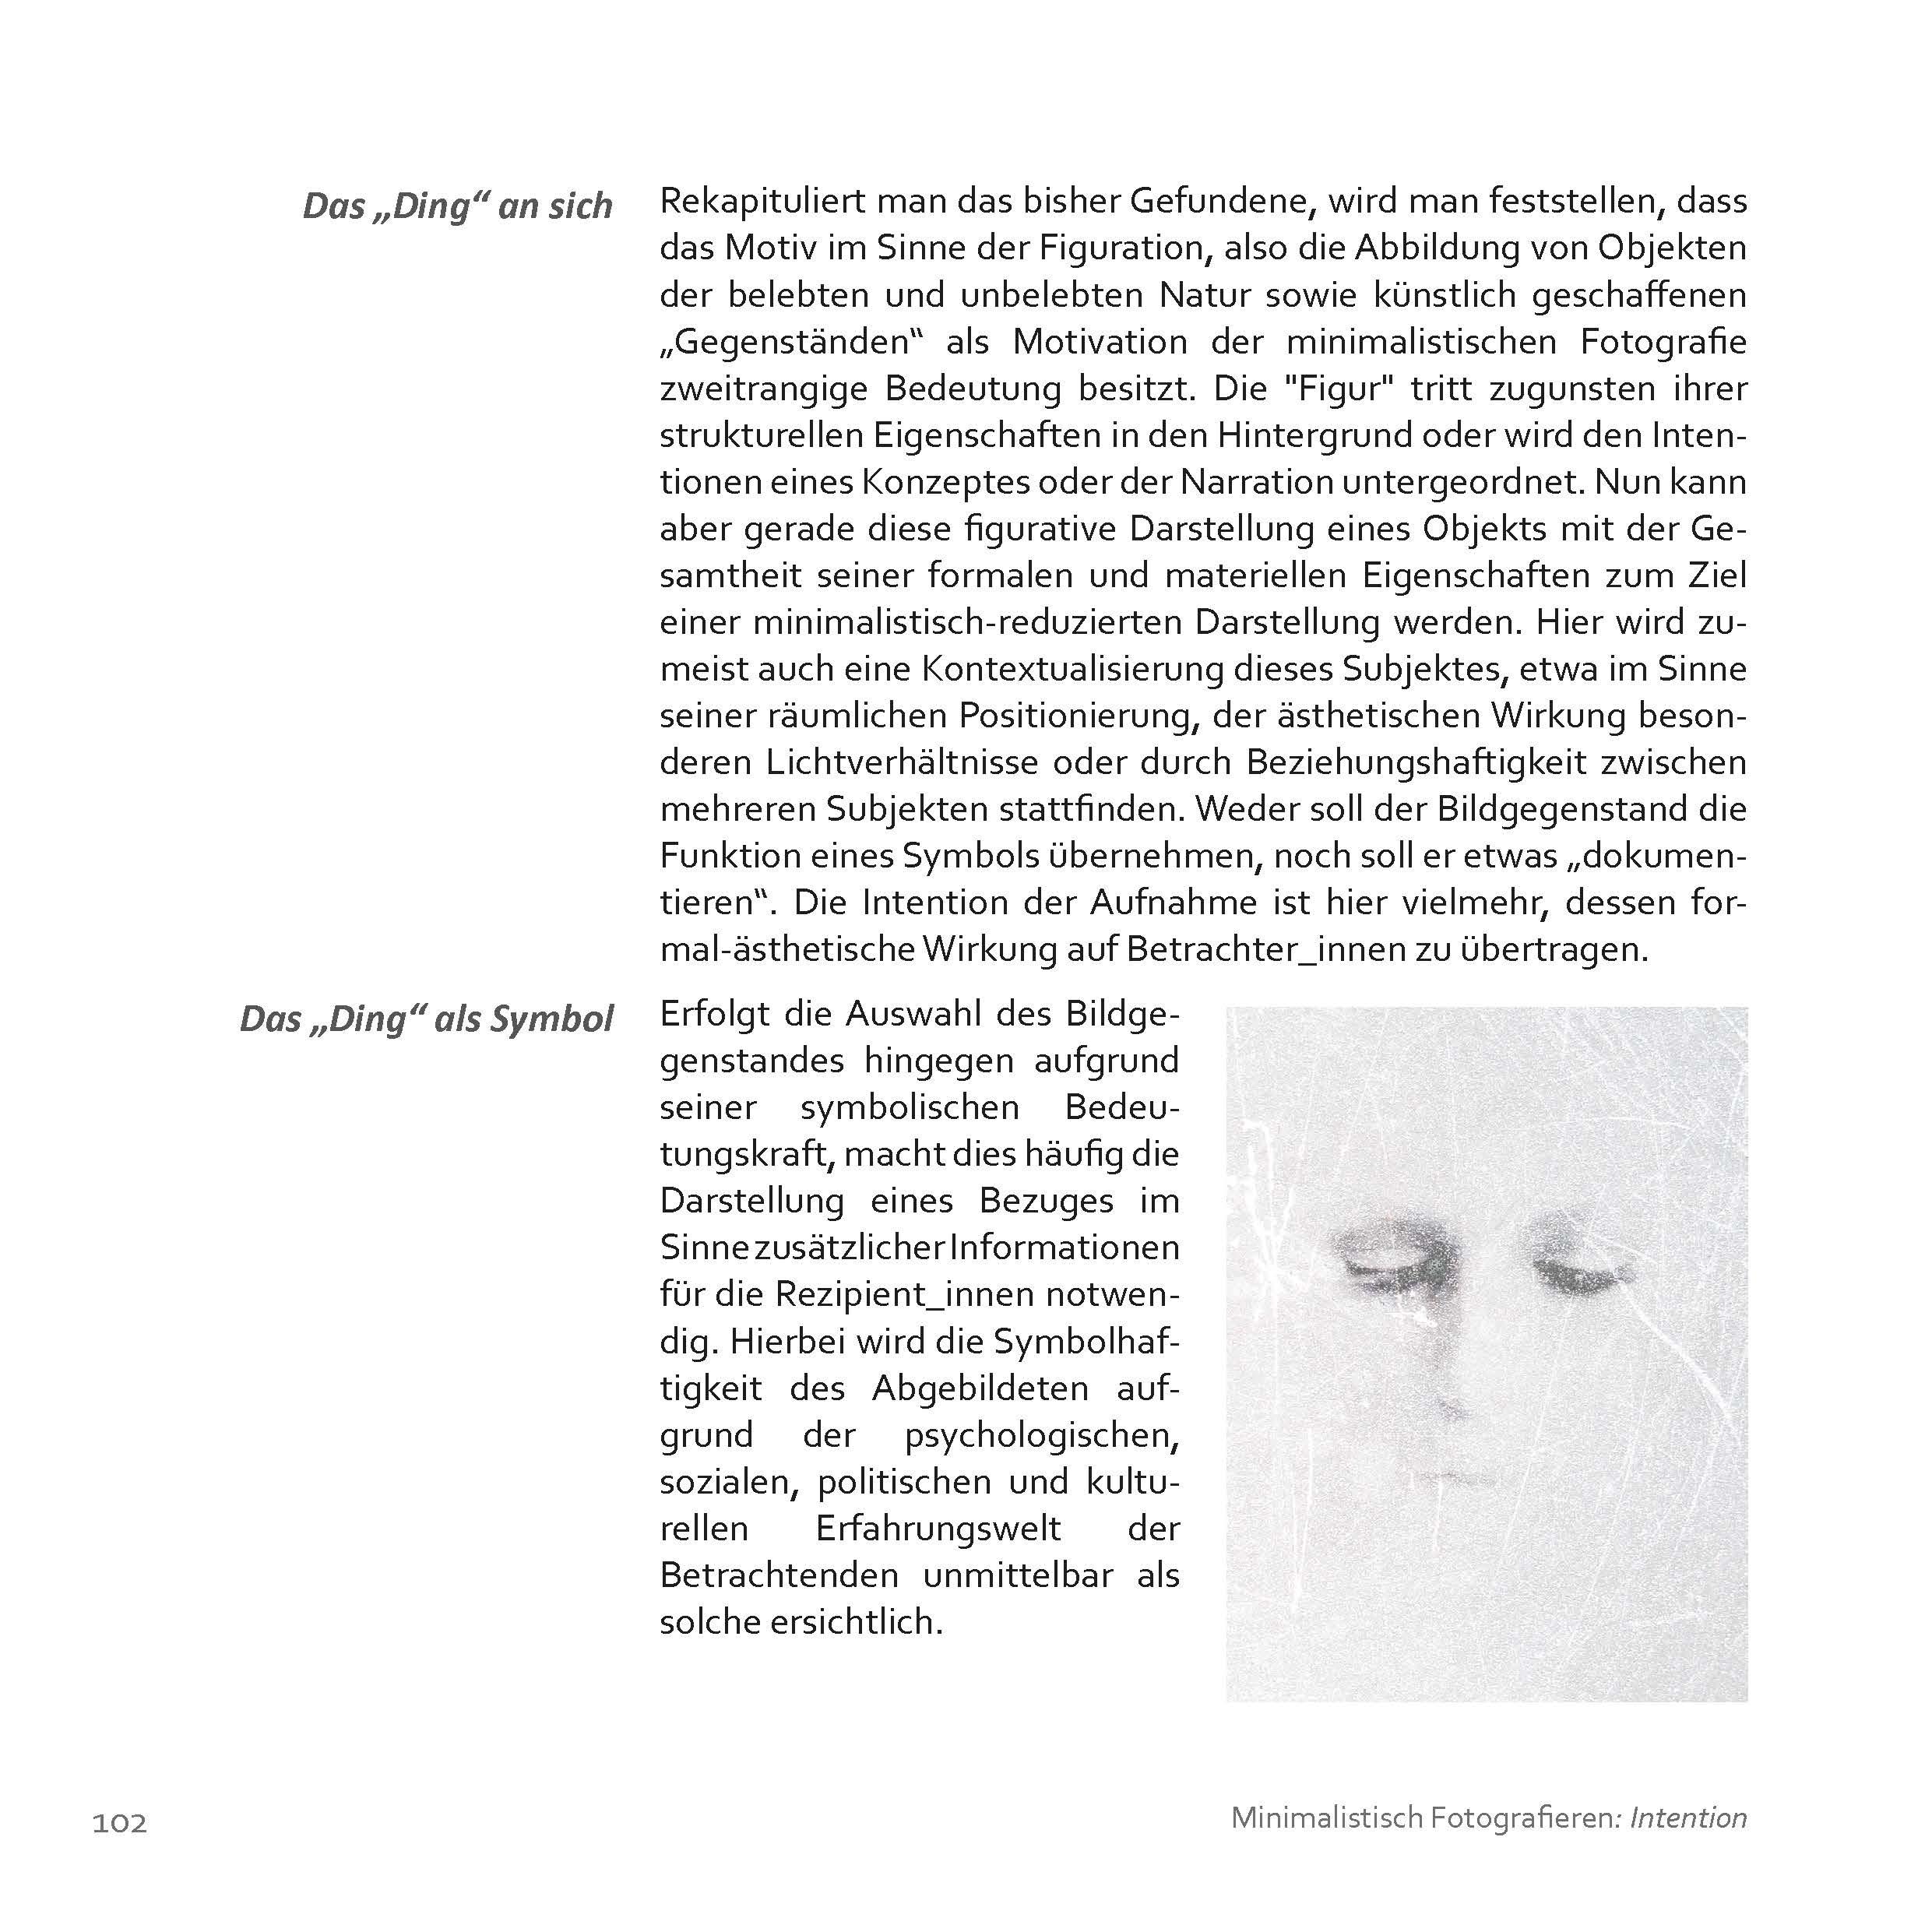 diplomarbeit-rnadrchal_Seite_102.jpg